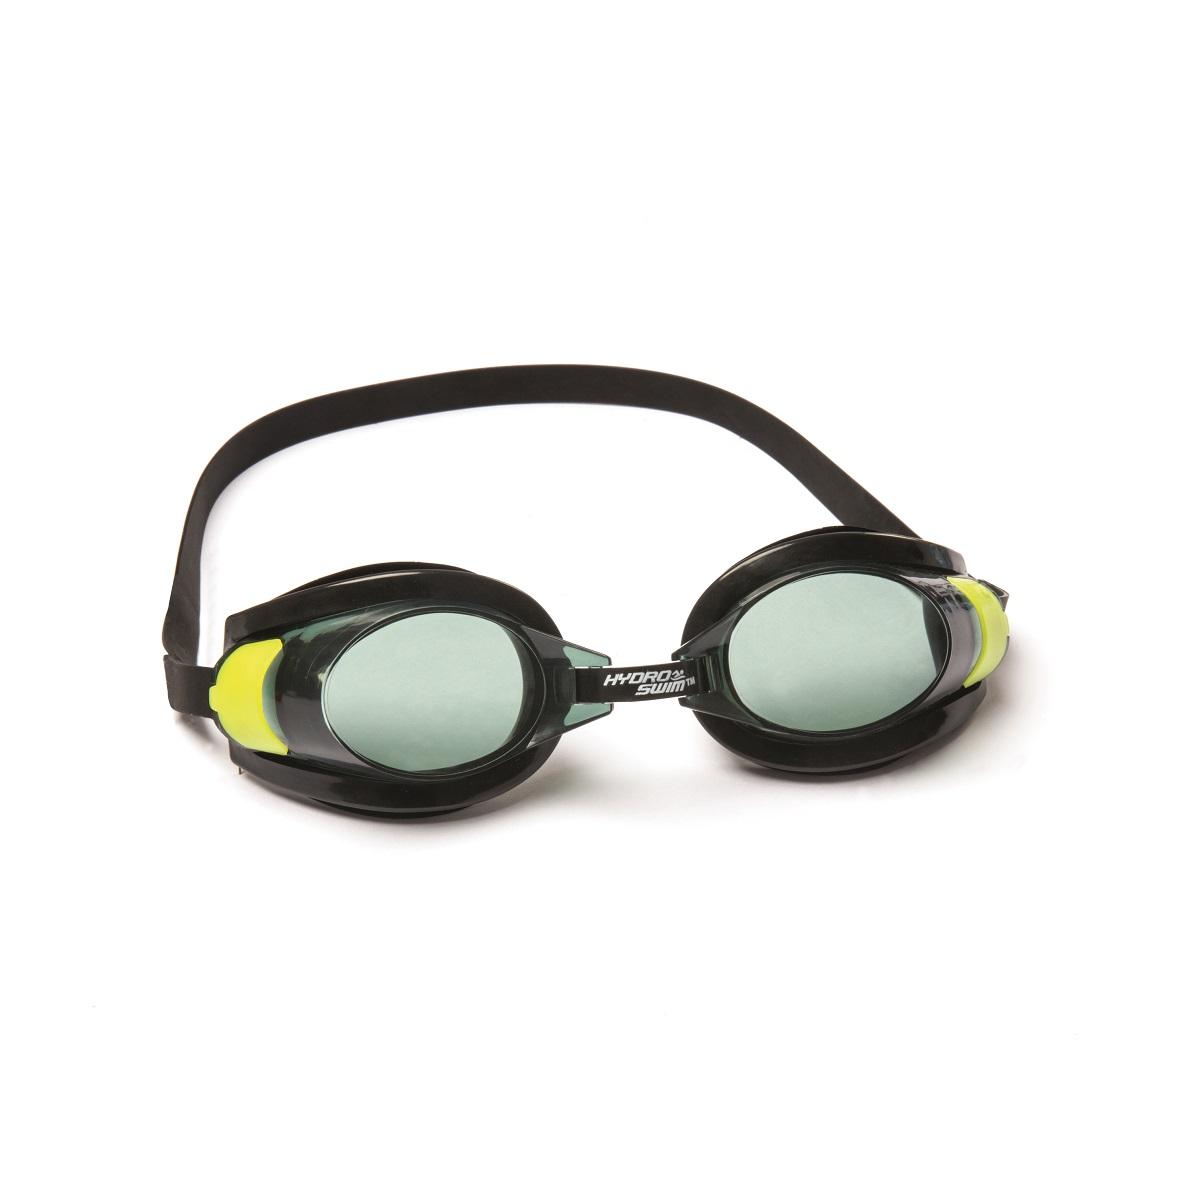 Plavecké brýle BESTWAY Focus 21085 - zelené